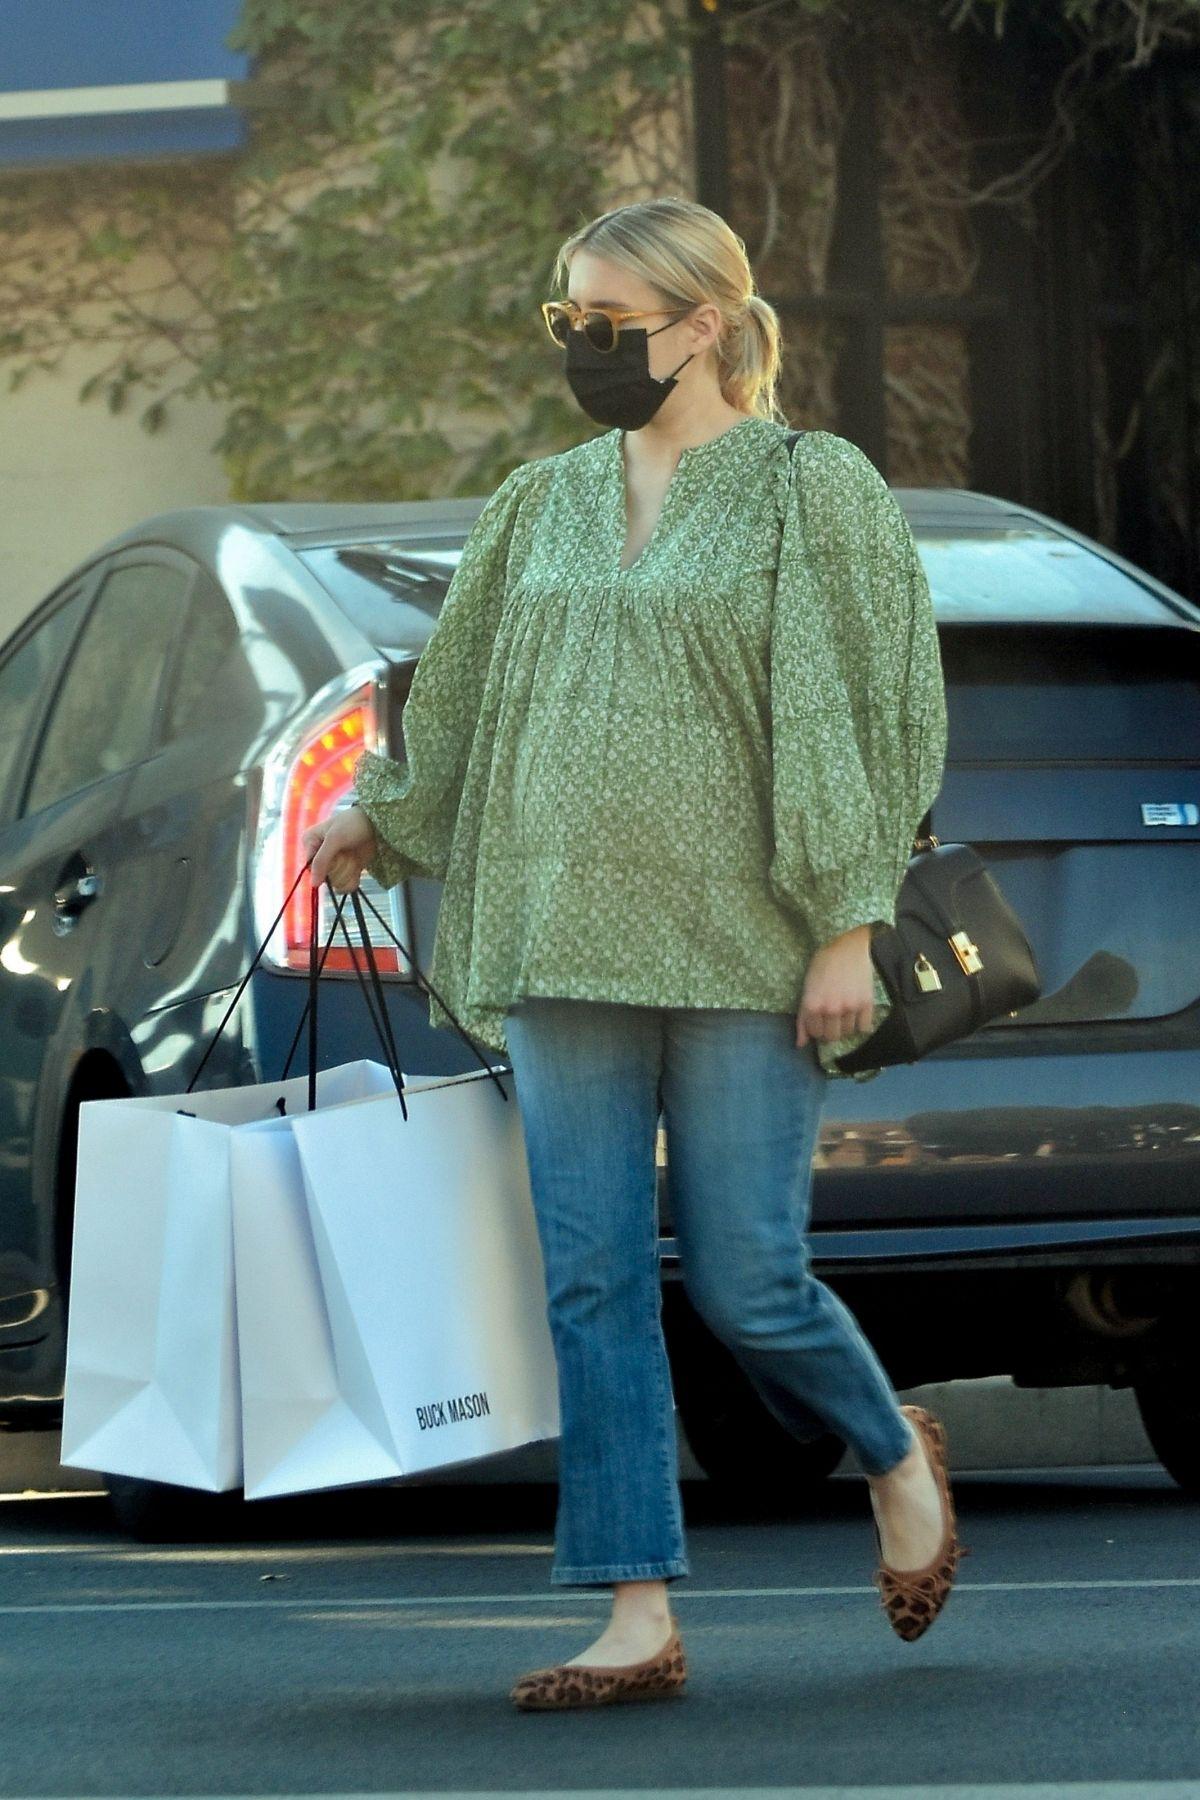 Pregnant EMMA ROBERTS Shopping at Buck Mason in Los